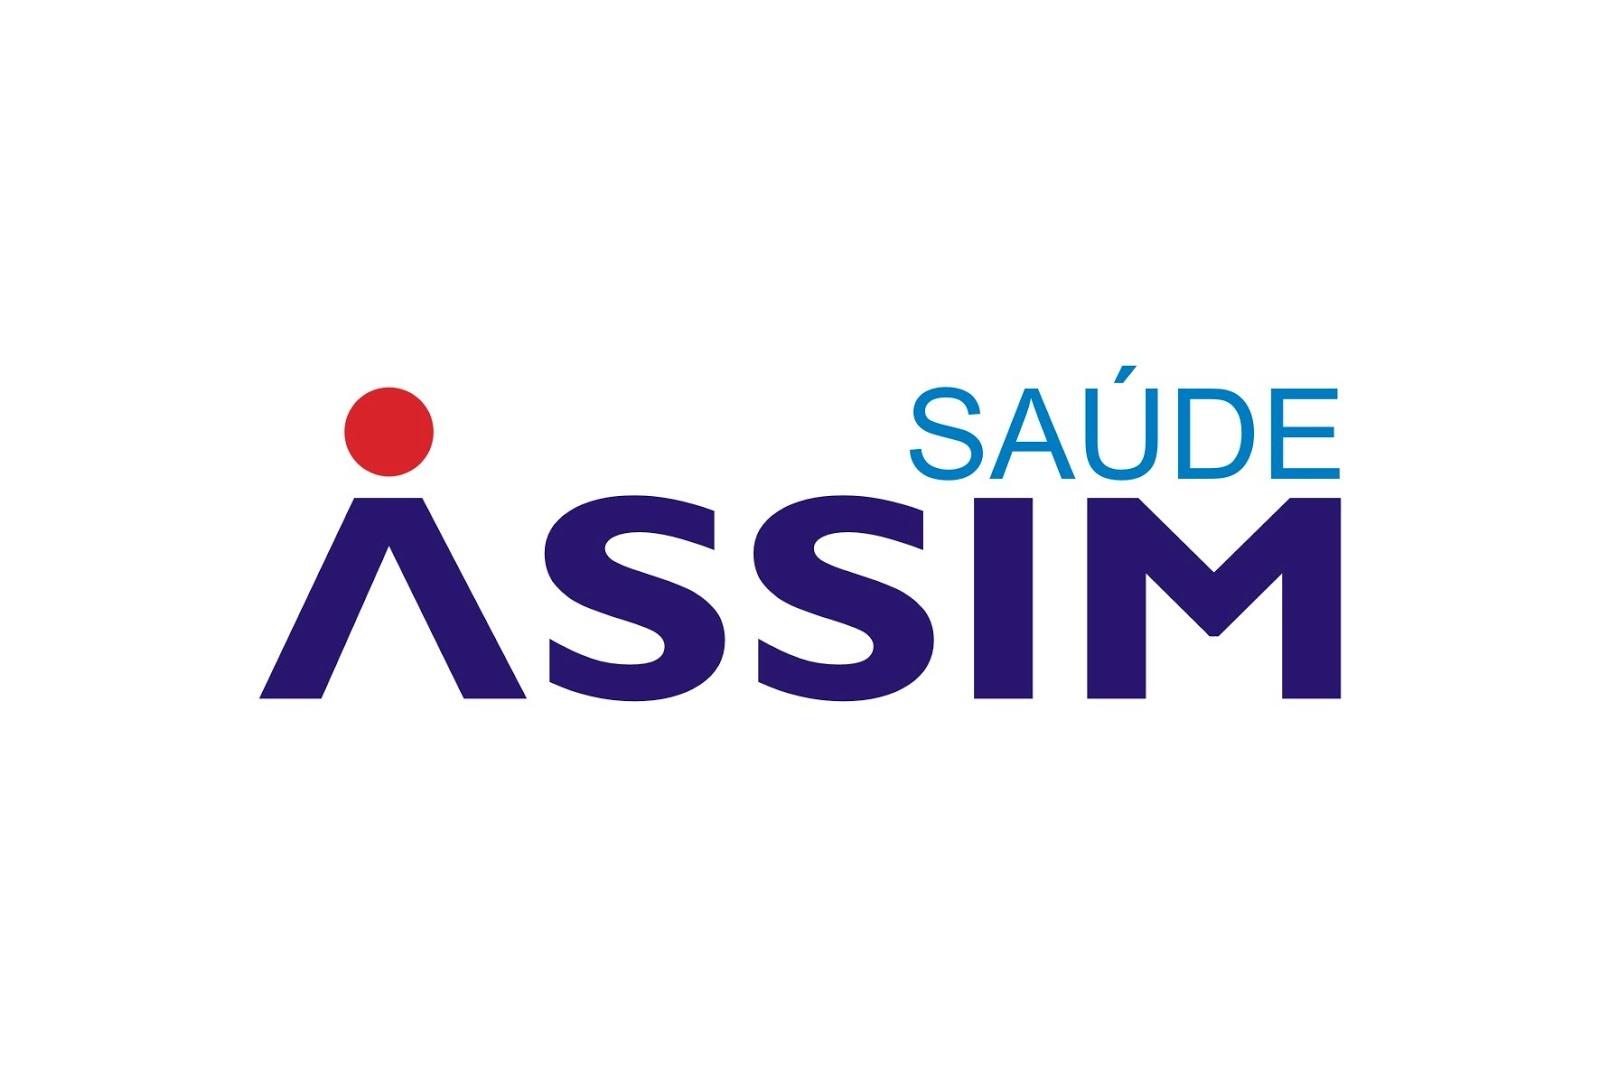 https://0201.nccdn.net/1_2/000/000/0bb/8b2/Logo-ASSIM-Sa--de--1--1600x1067.jpg